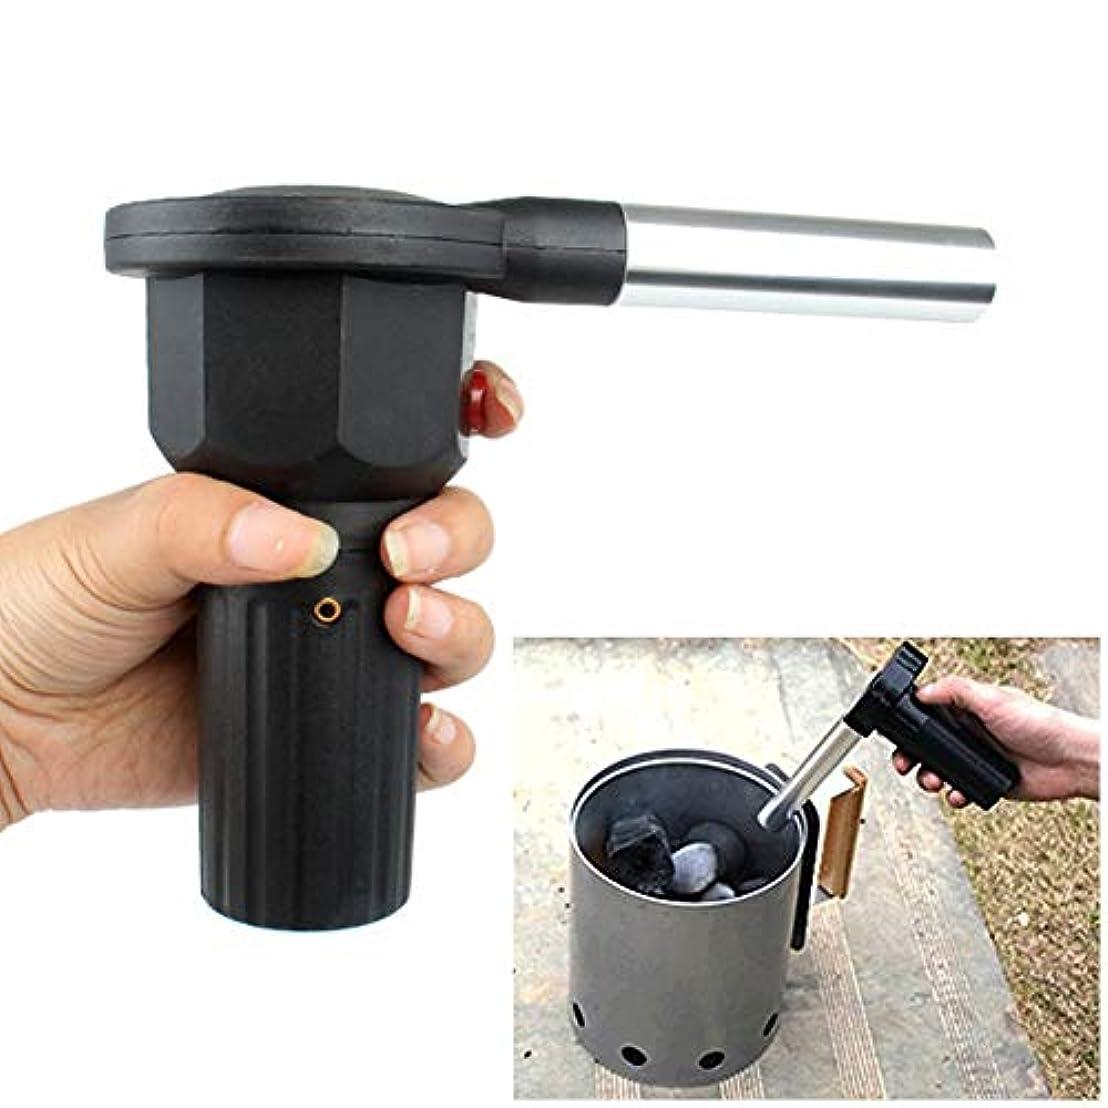 もう一度意味のある休日にLoople 送風機 ロングノズル 火おこしファン 電池式 火おこし ガンブロー BBQ 着火用 ファン 操作簡単 軽量